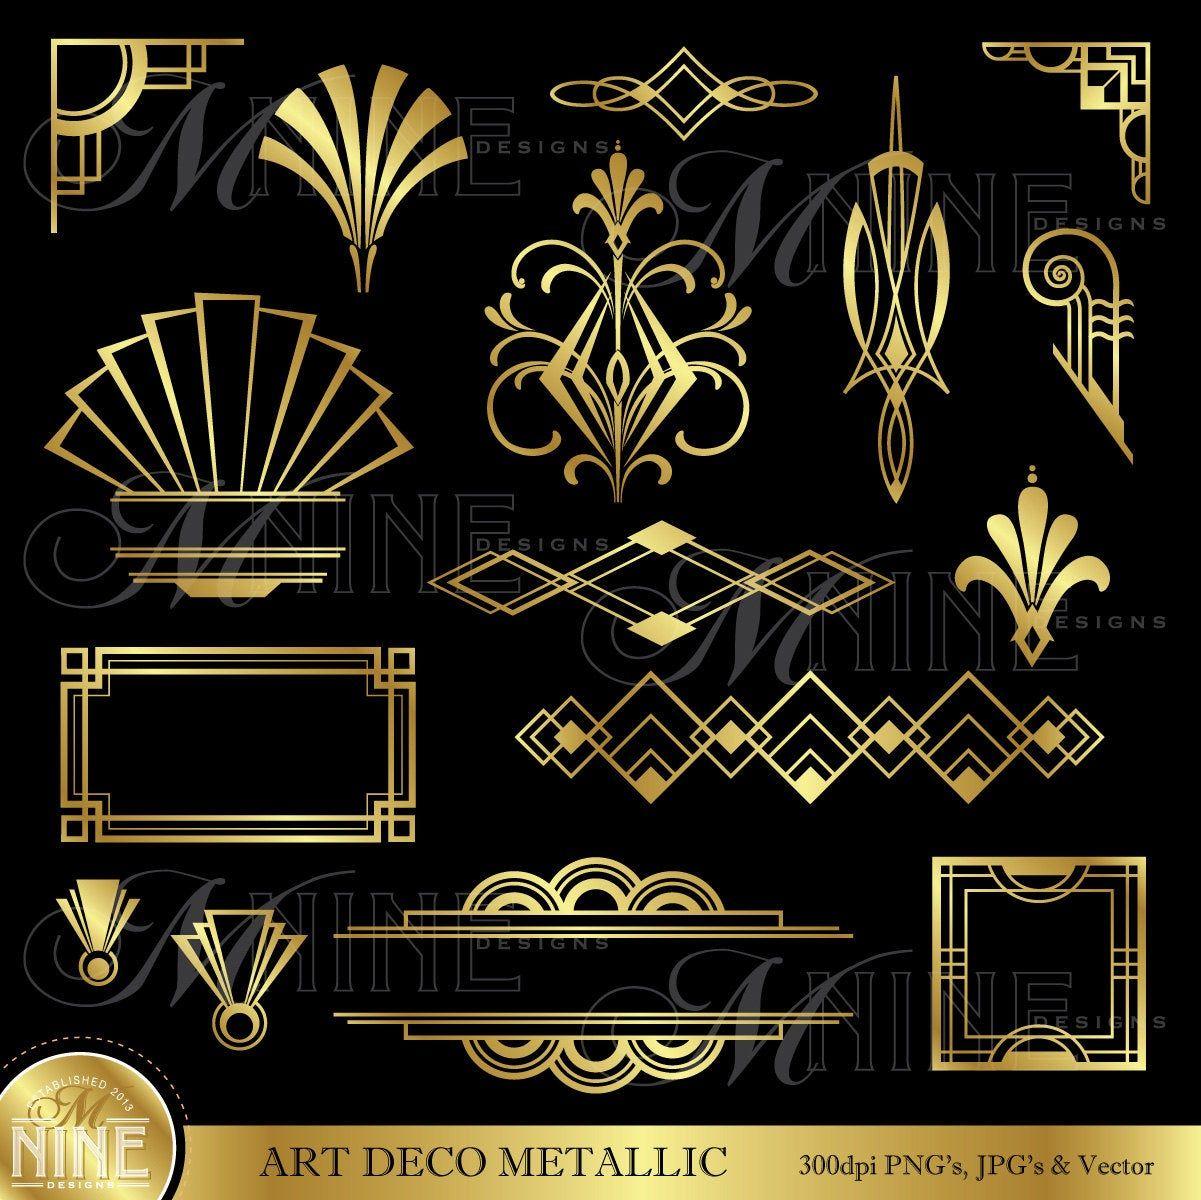 Art Deco Clip Art Gold Art Deco Accents Design Etsy Art Deco Borders Art Deco Wallpaper Art Deco Tattoo